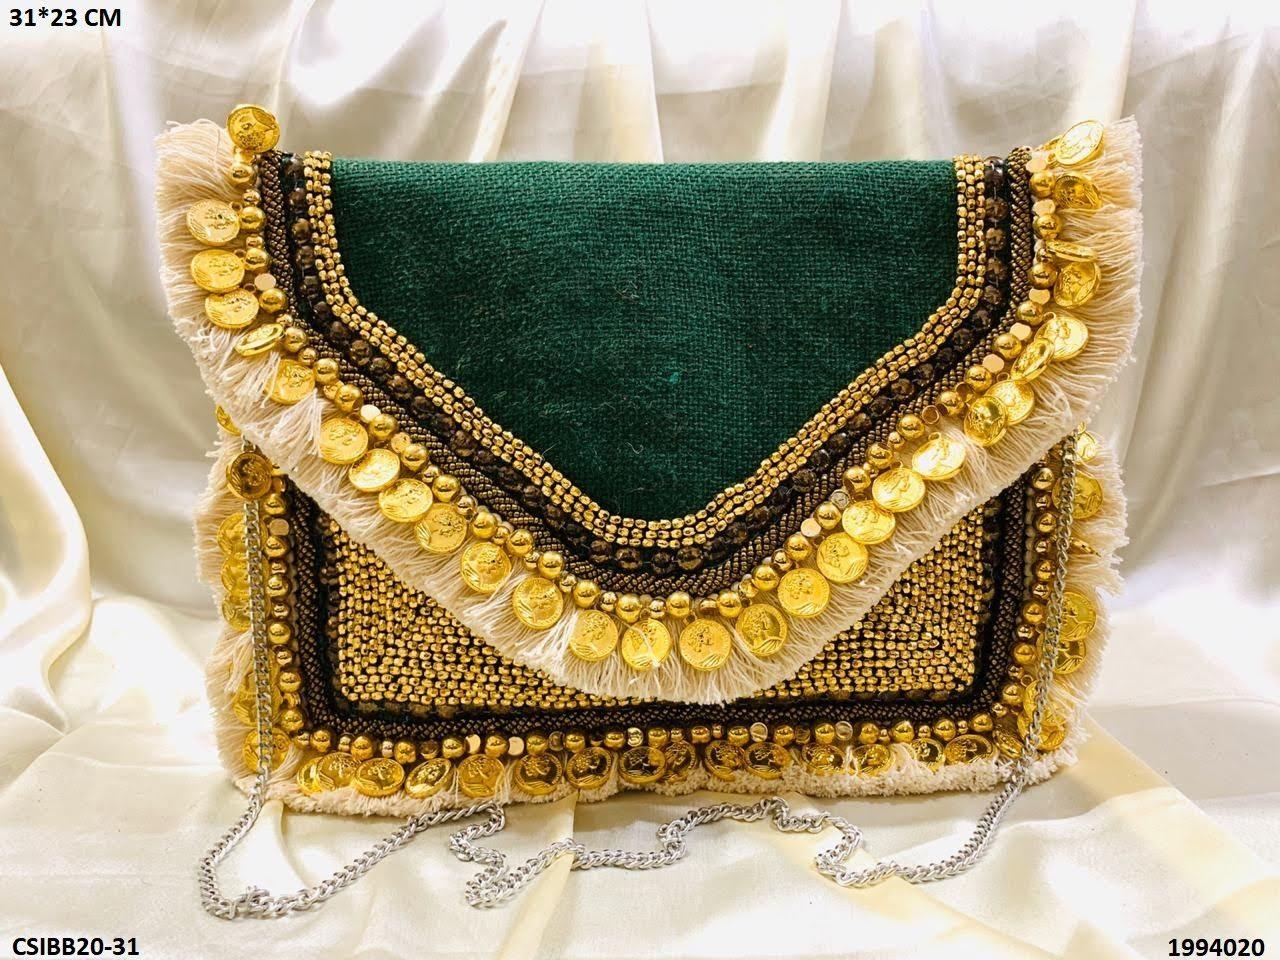 Designer jute banjara bag with chain sling